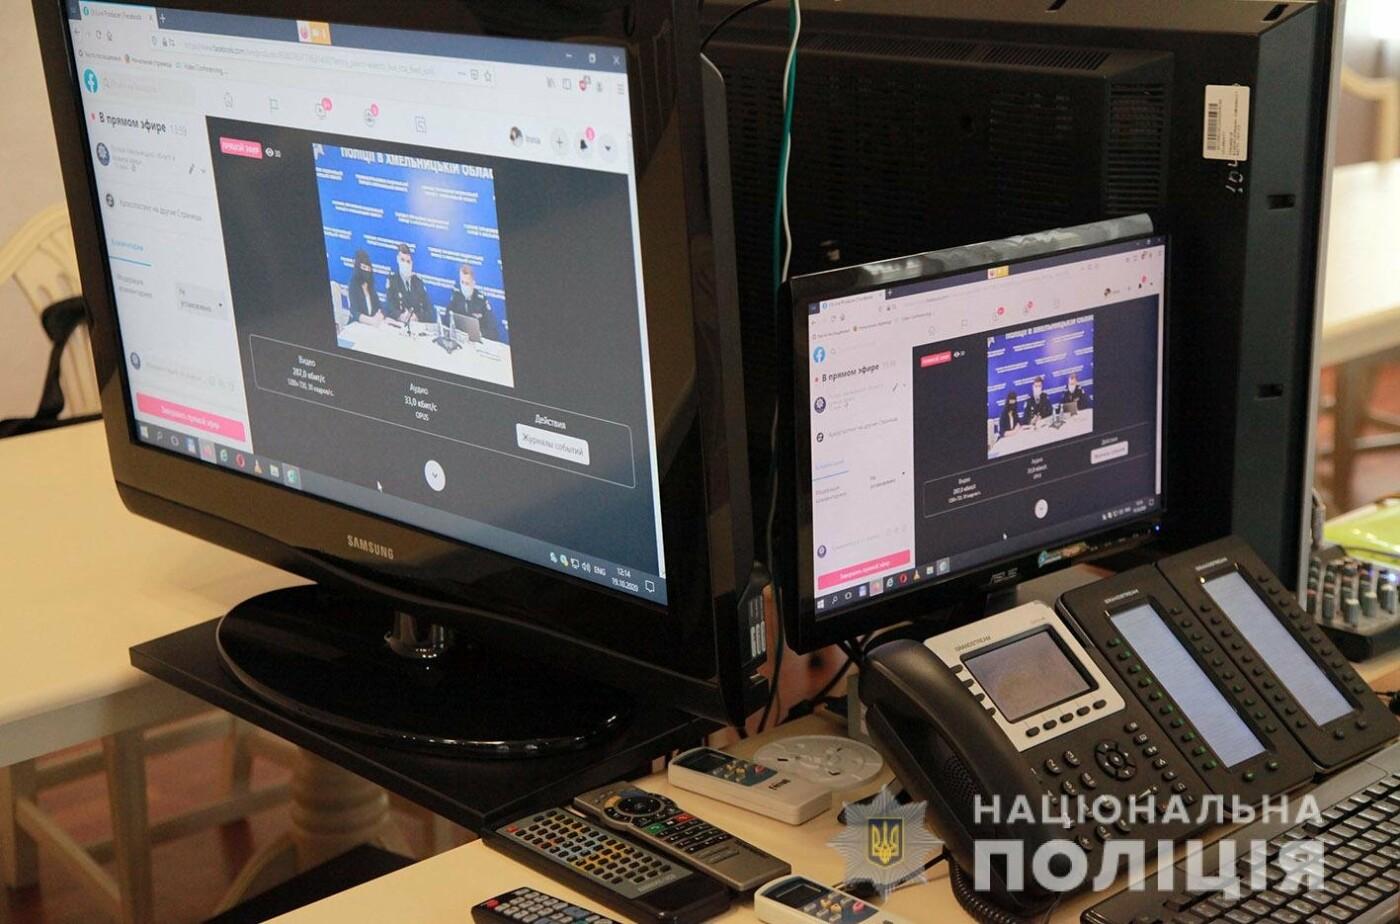 В поліції Хмельницької області відбувся брифінг на тему відповідальності за порушення виборчого законодавства , фото-2